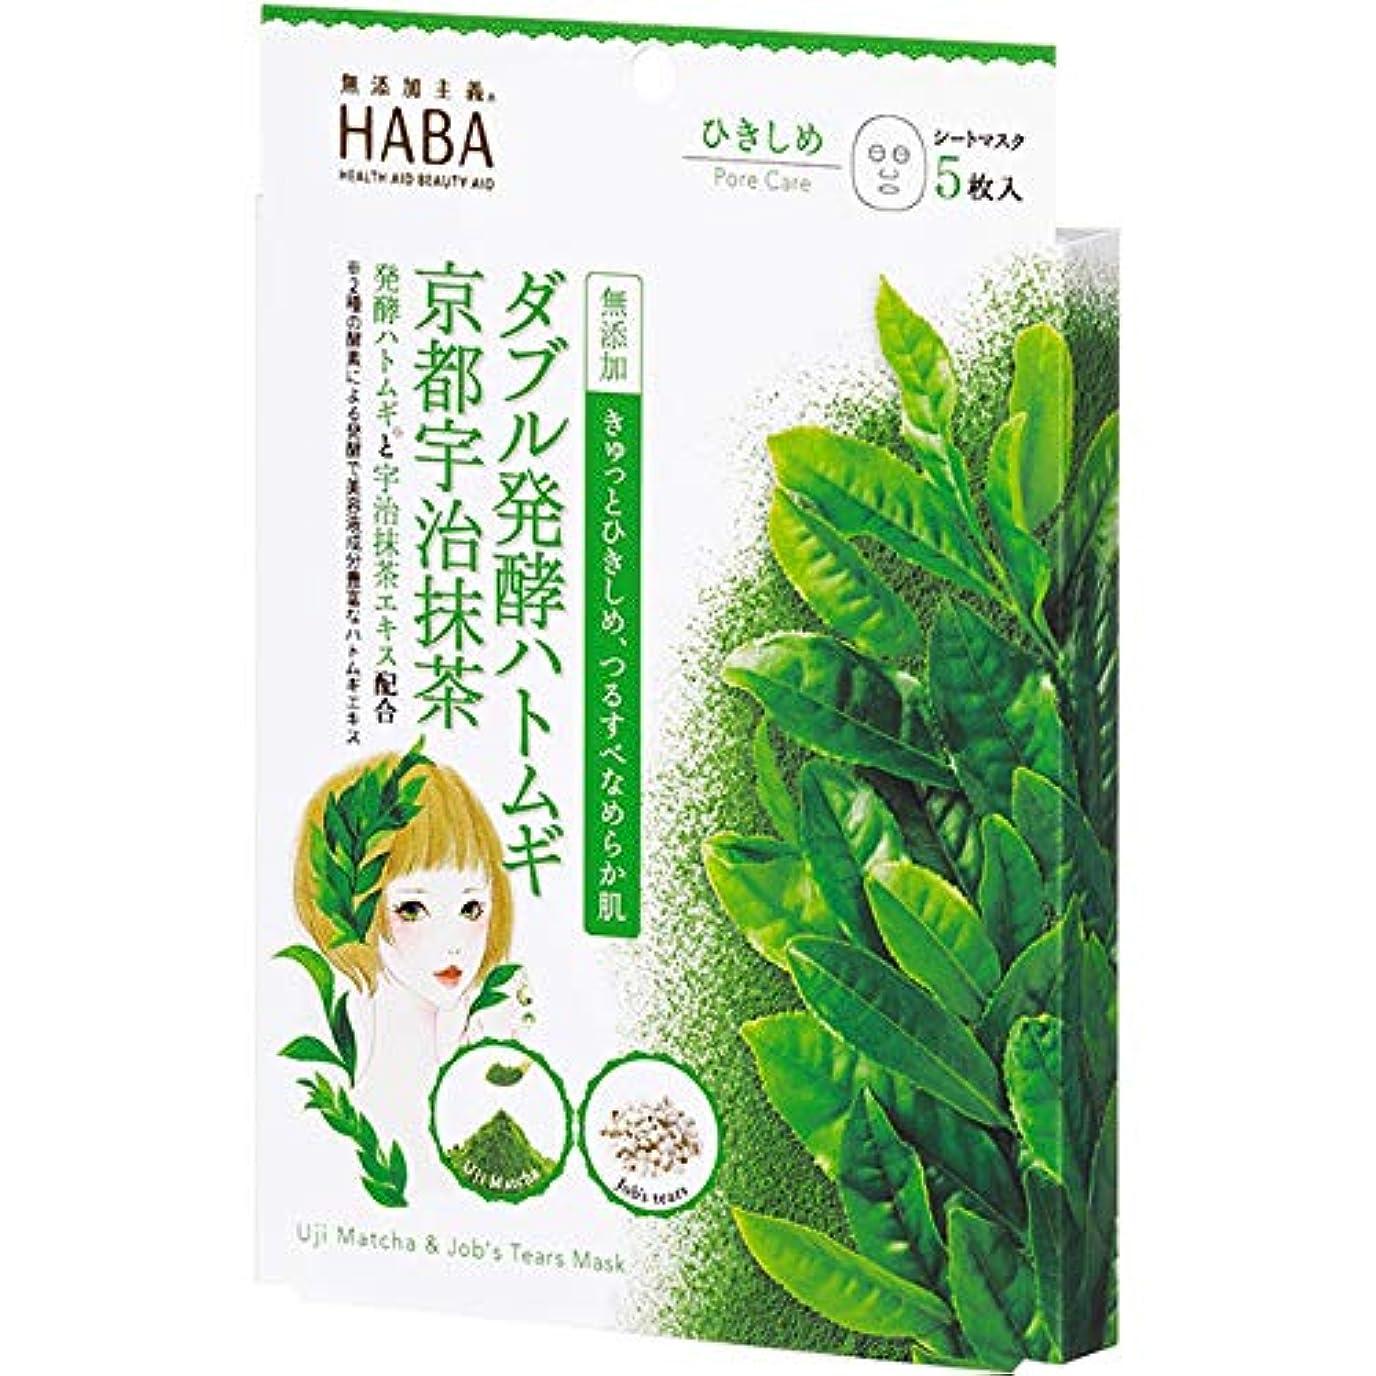 愛日常的に食い違いハーバー 発酵ハトムギ宇治抹茶マスク 5包